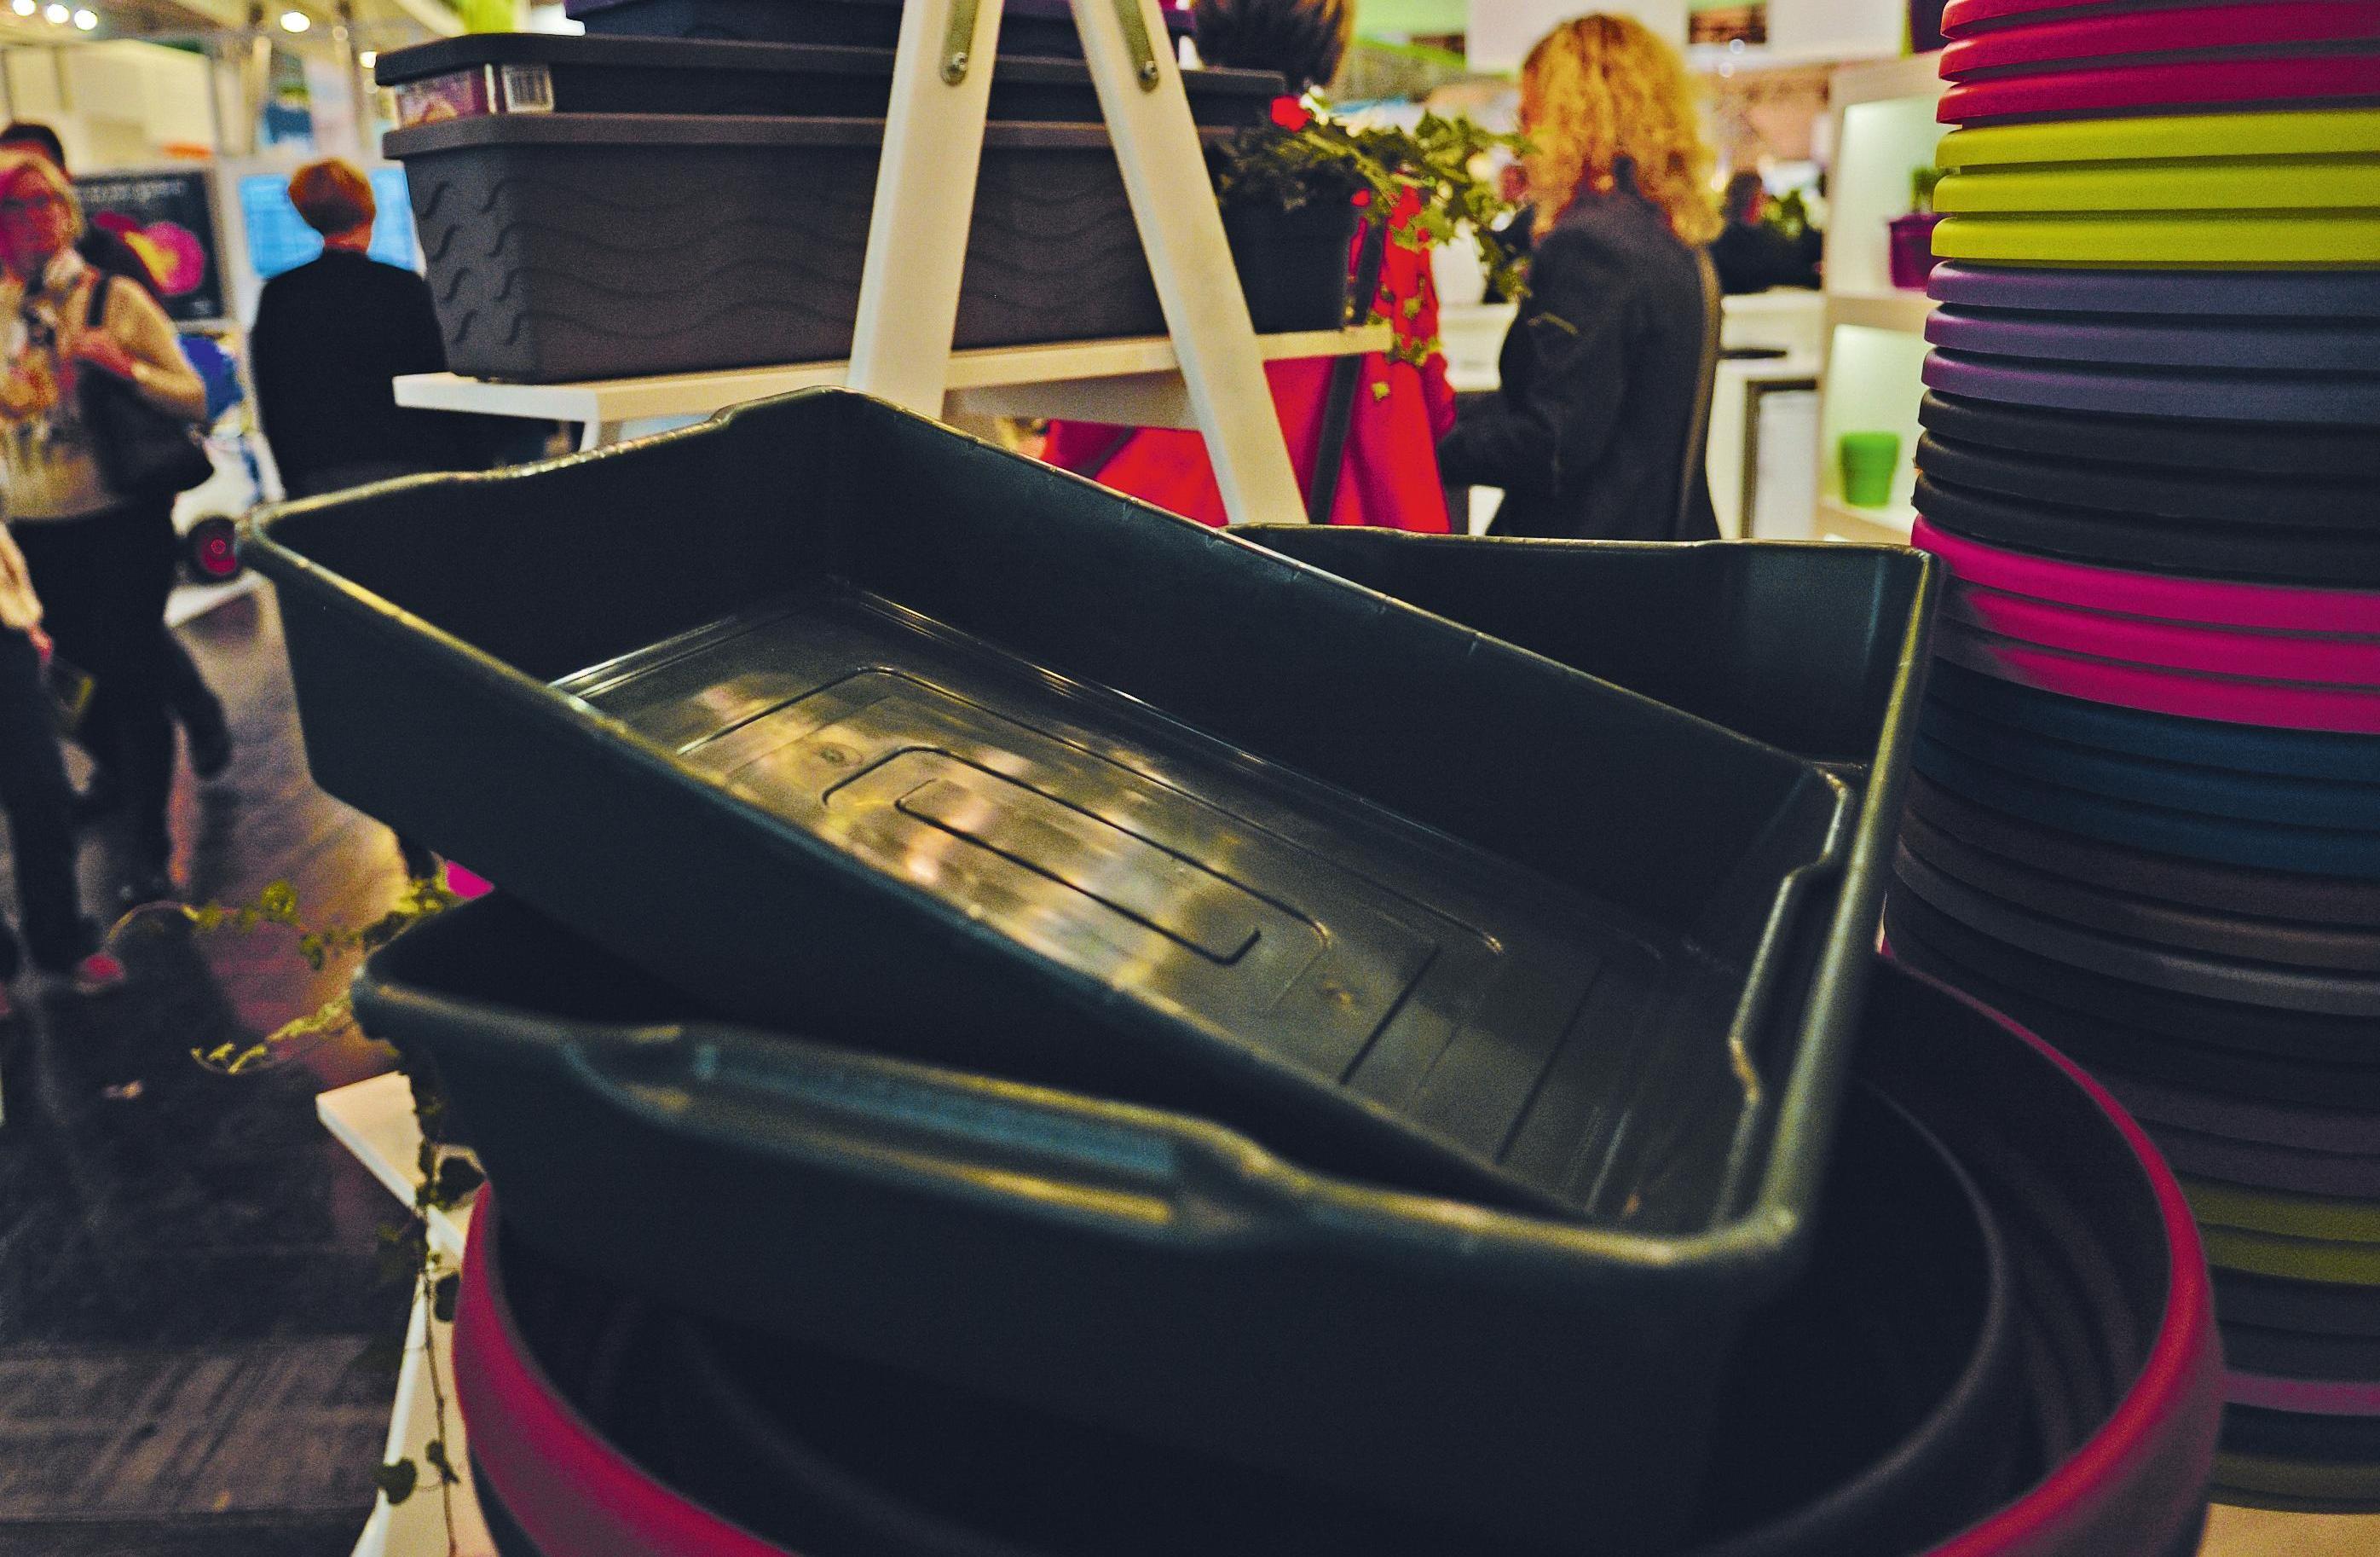 Die 2017 von Hawita vorgestellte Gärtnerboxx aus recyceltem Kunststoff ergänzt eine nur noch halb so große Version.